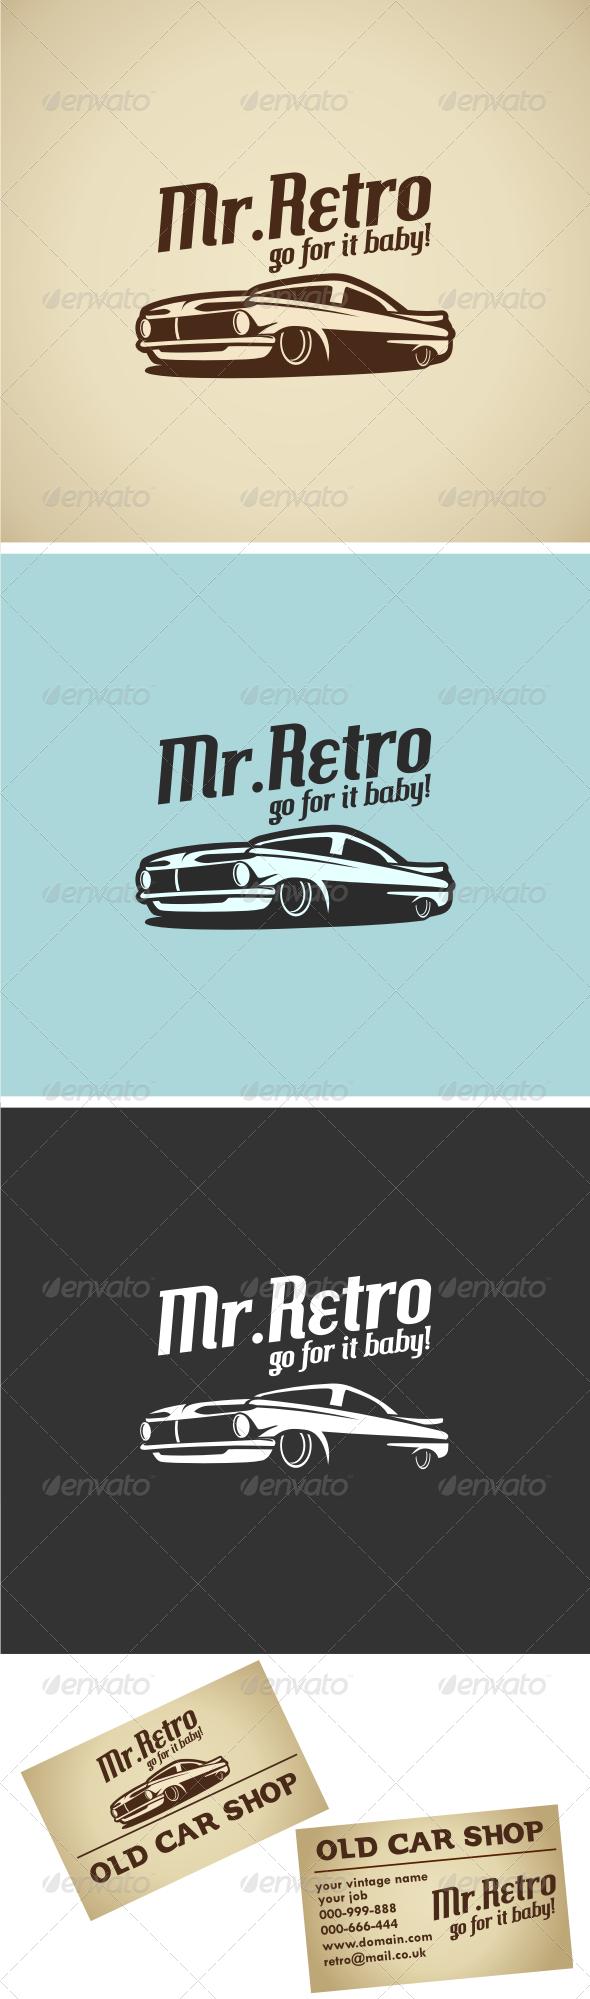 Retro Car V.1 Logo Template - Objects Logo Templates